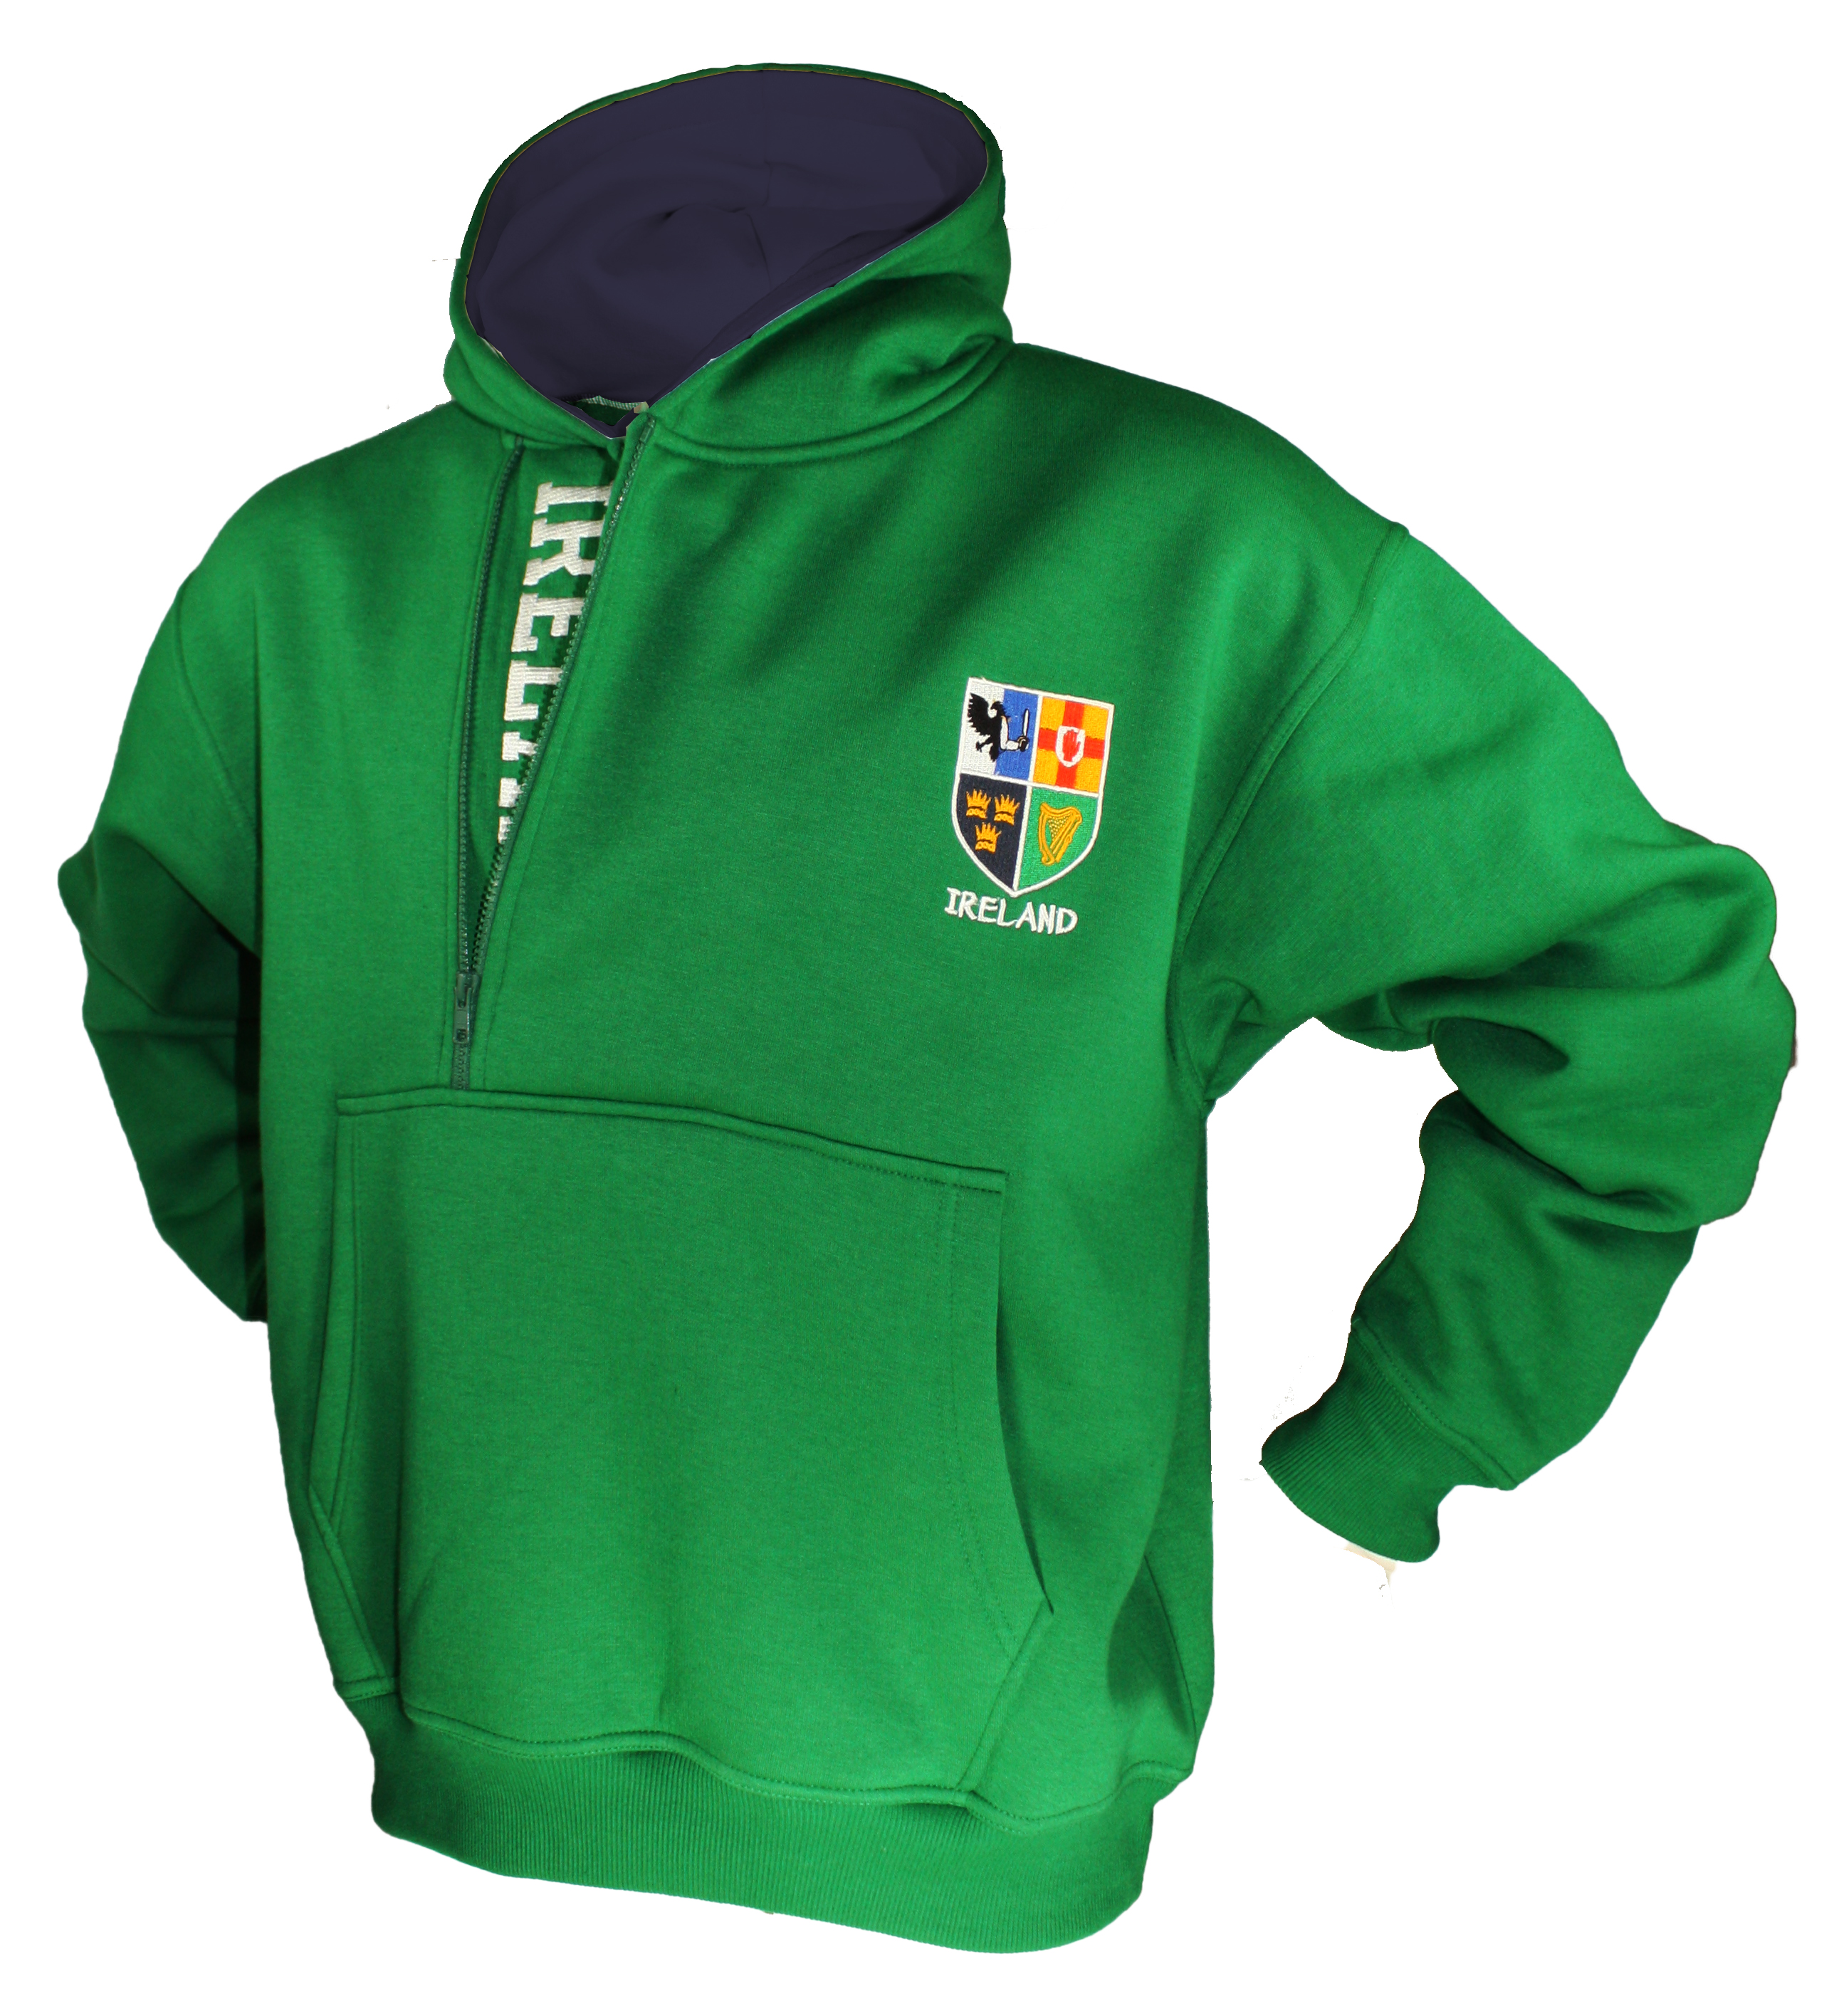 Men-039-s-Half-Zip-Hoodie-Pullover-Sweatshirt-Ireland-Navy-and-Green thumbnail 11